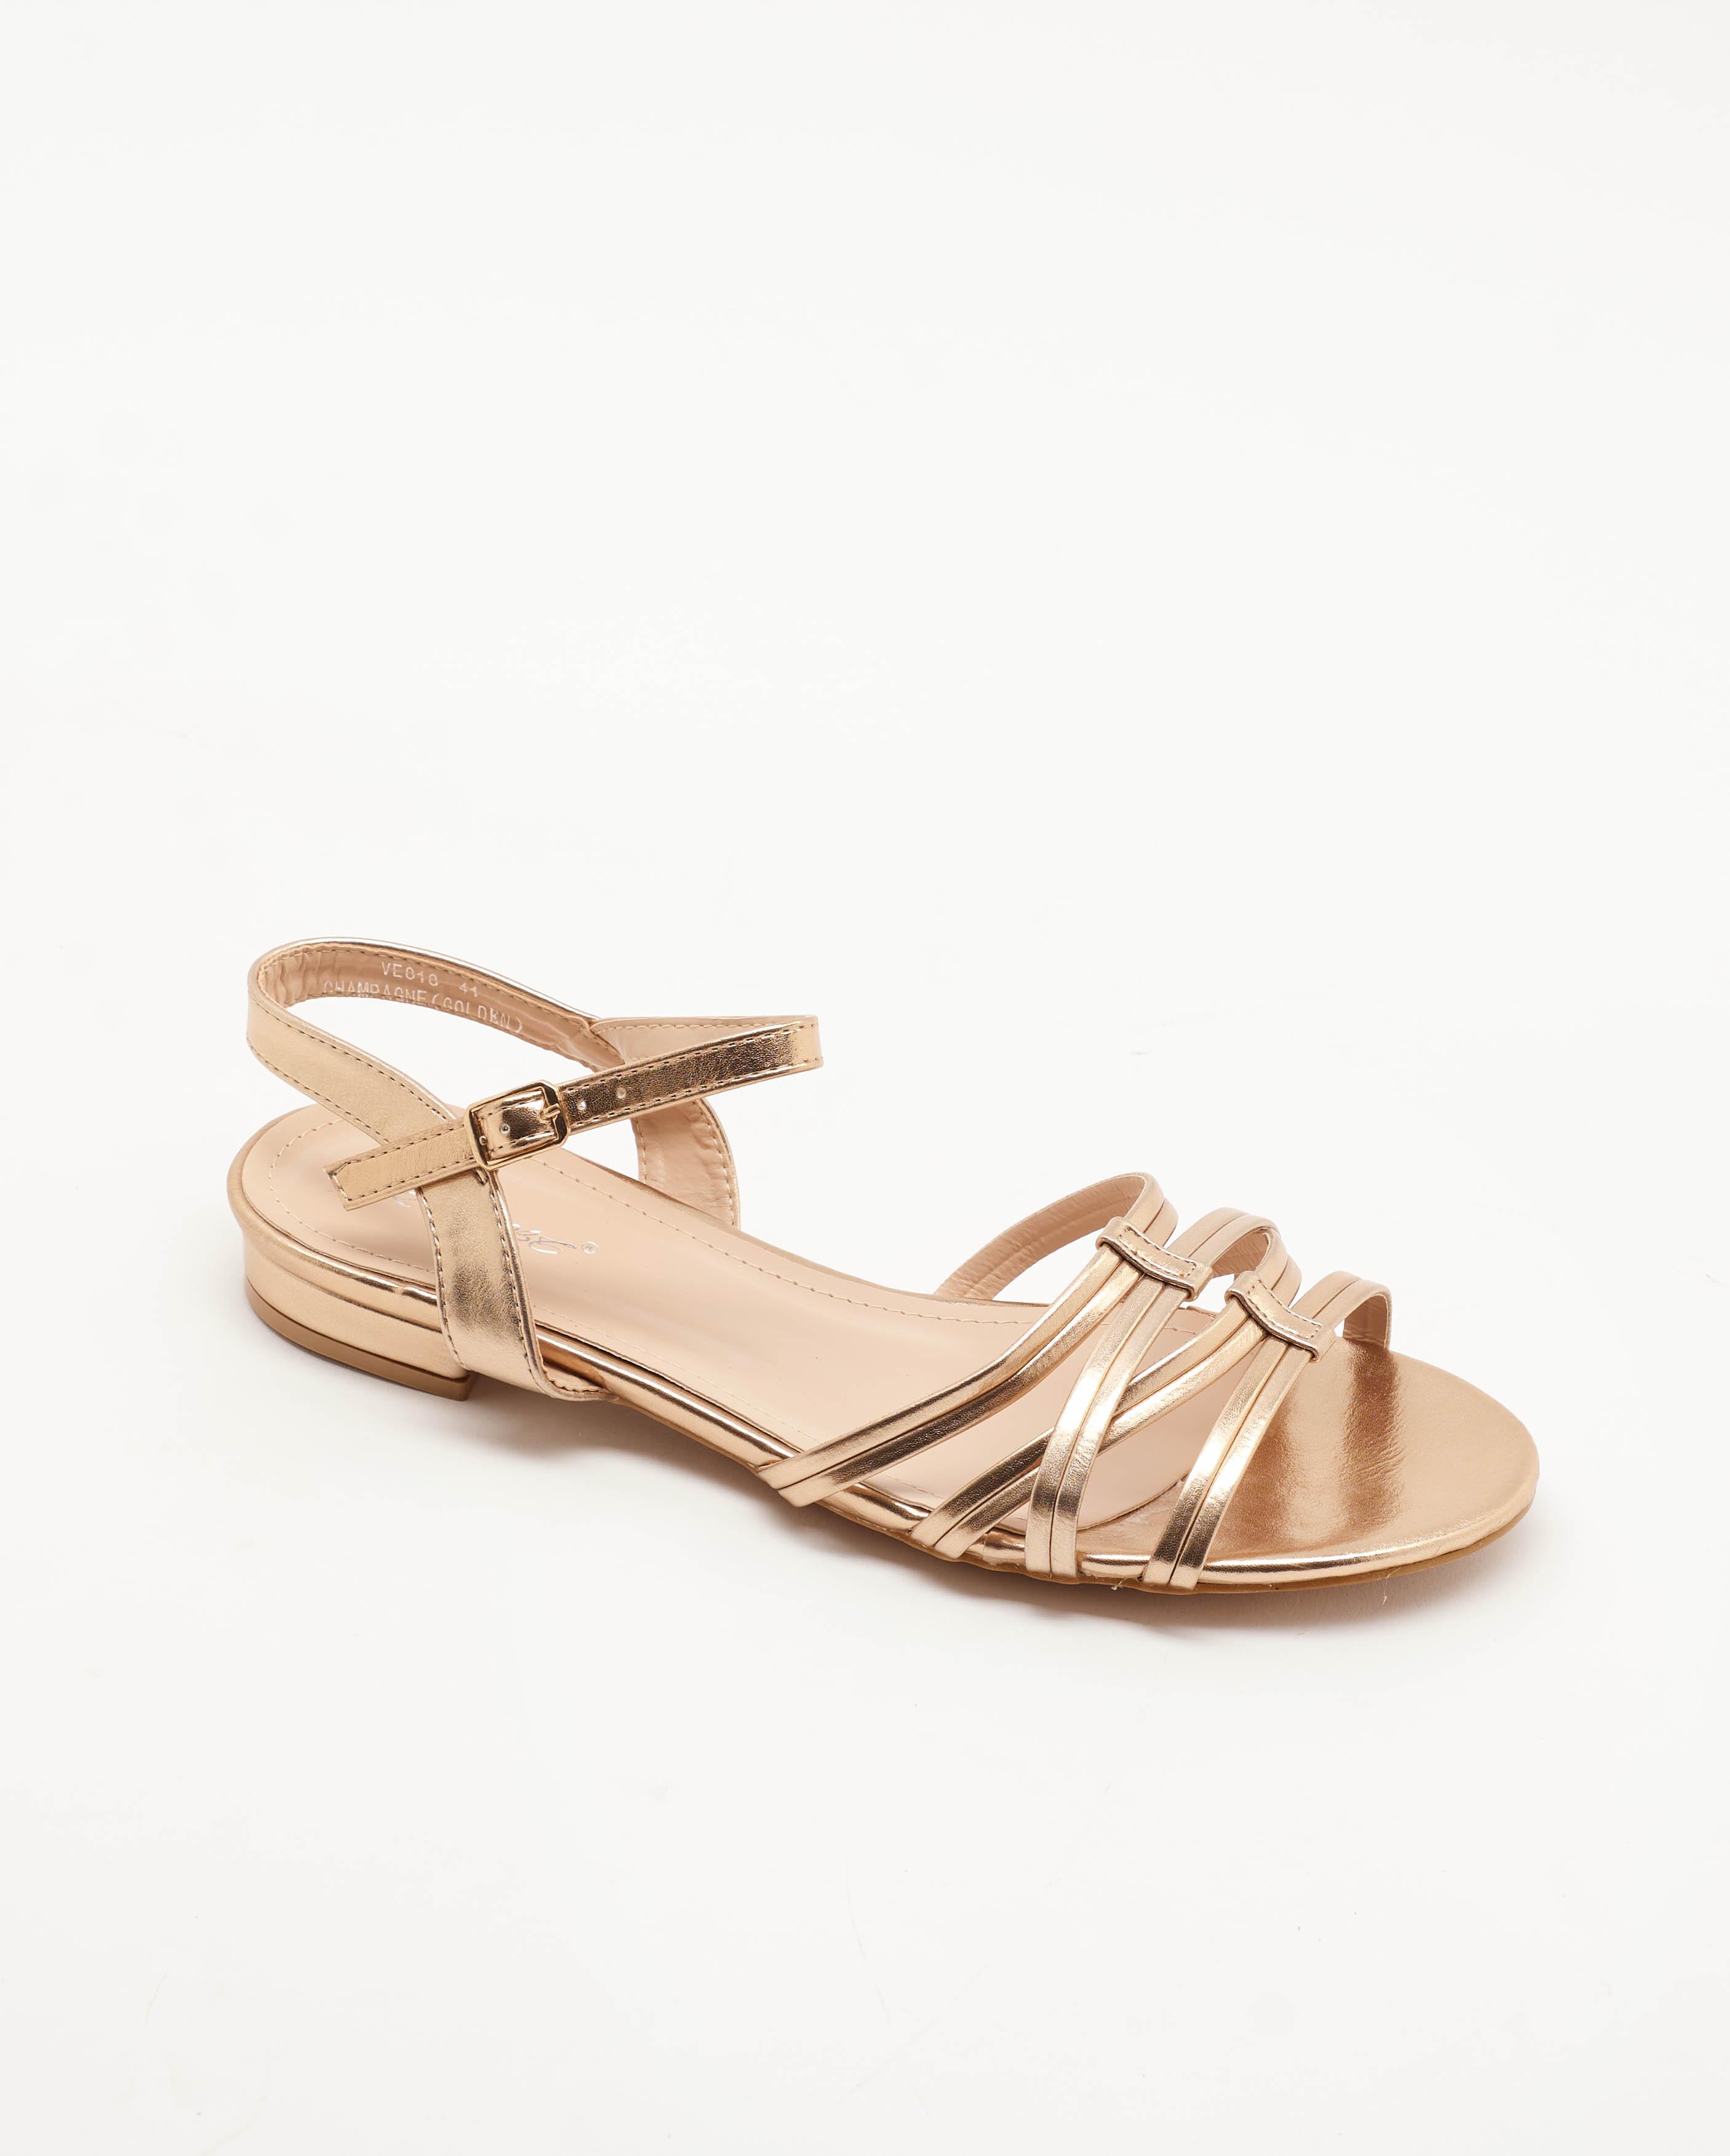 Sandales Plates Femme - Sandale Plate Champagne Jina - Ve818